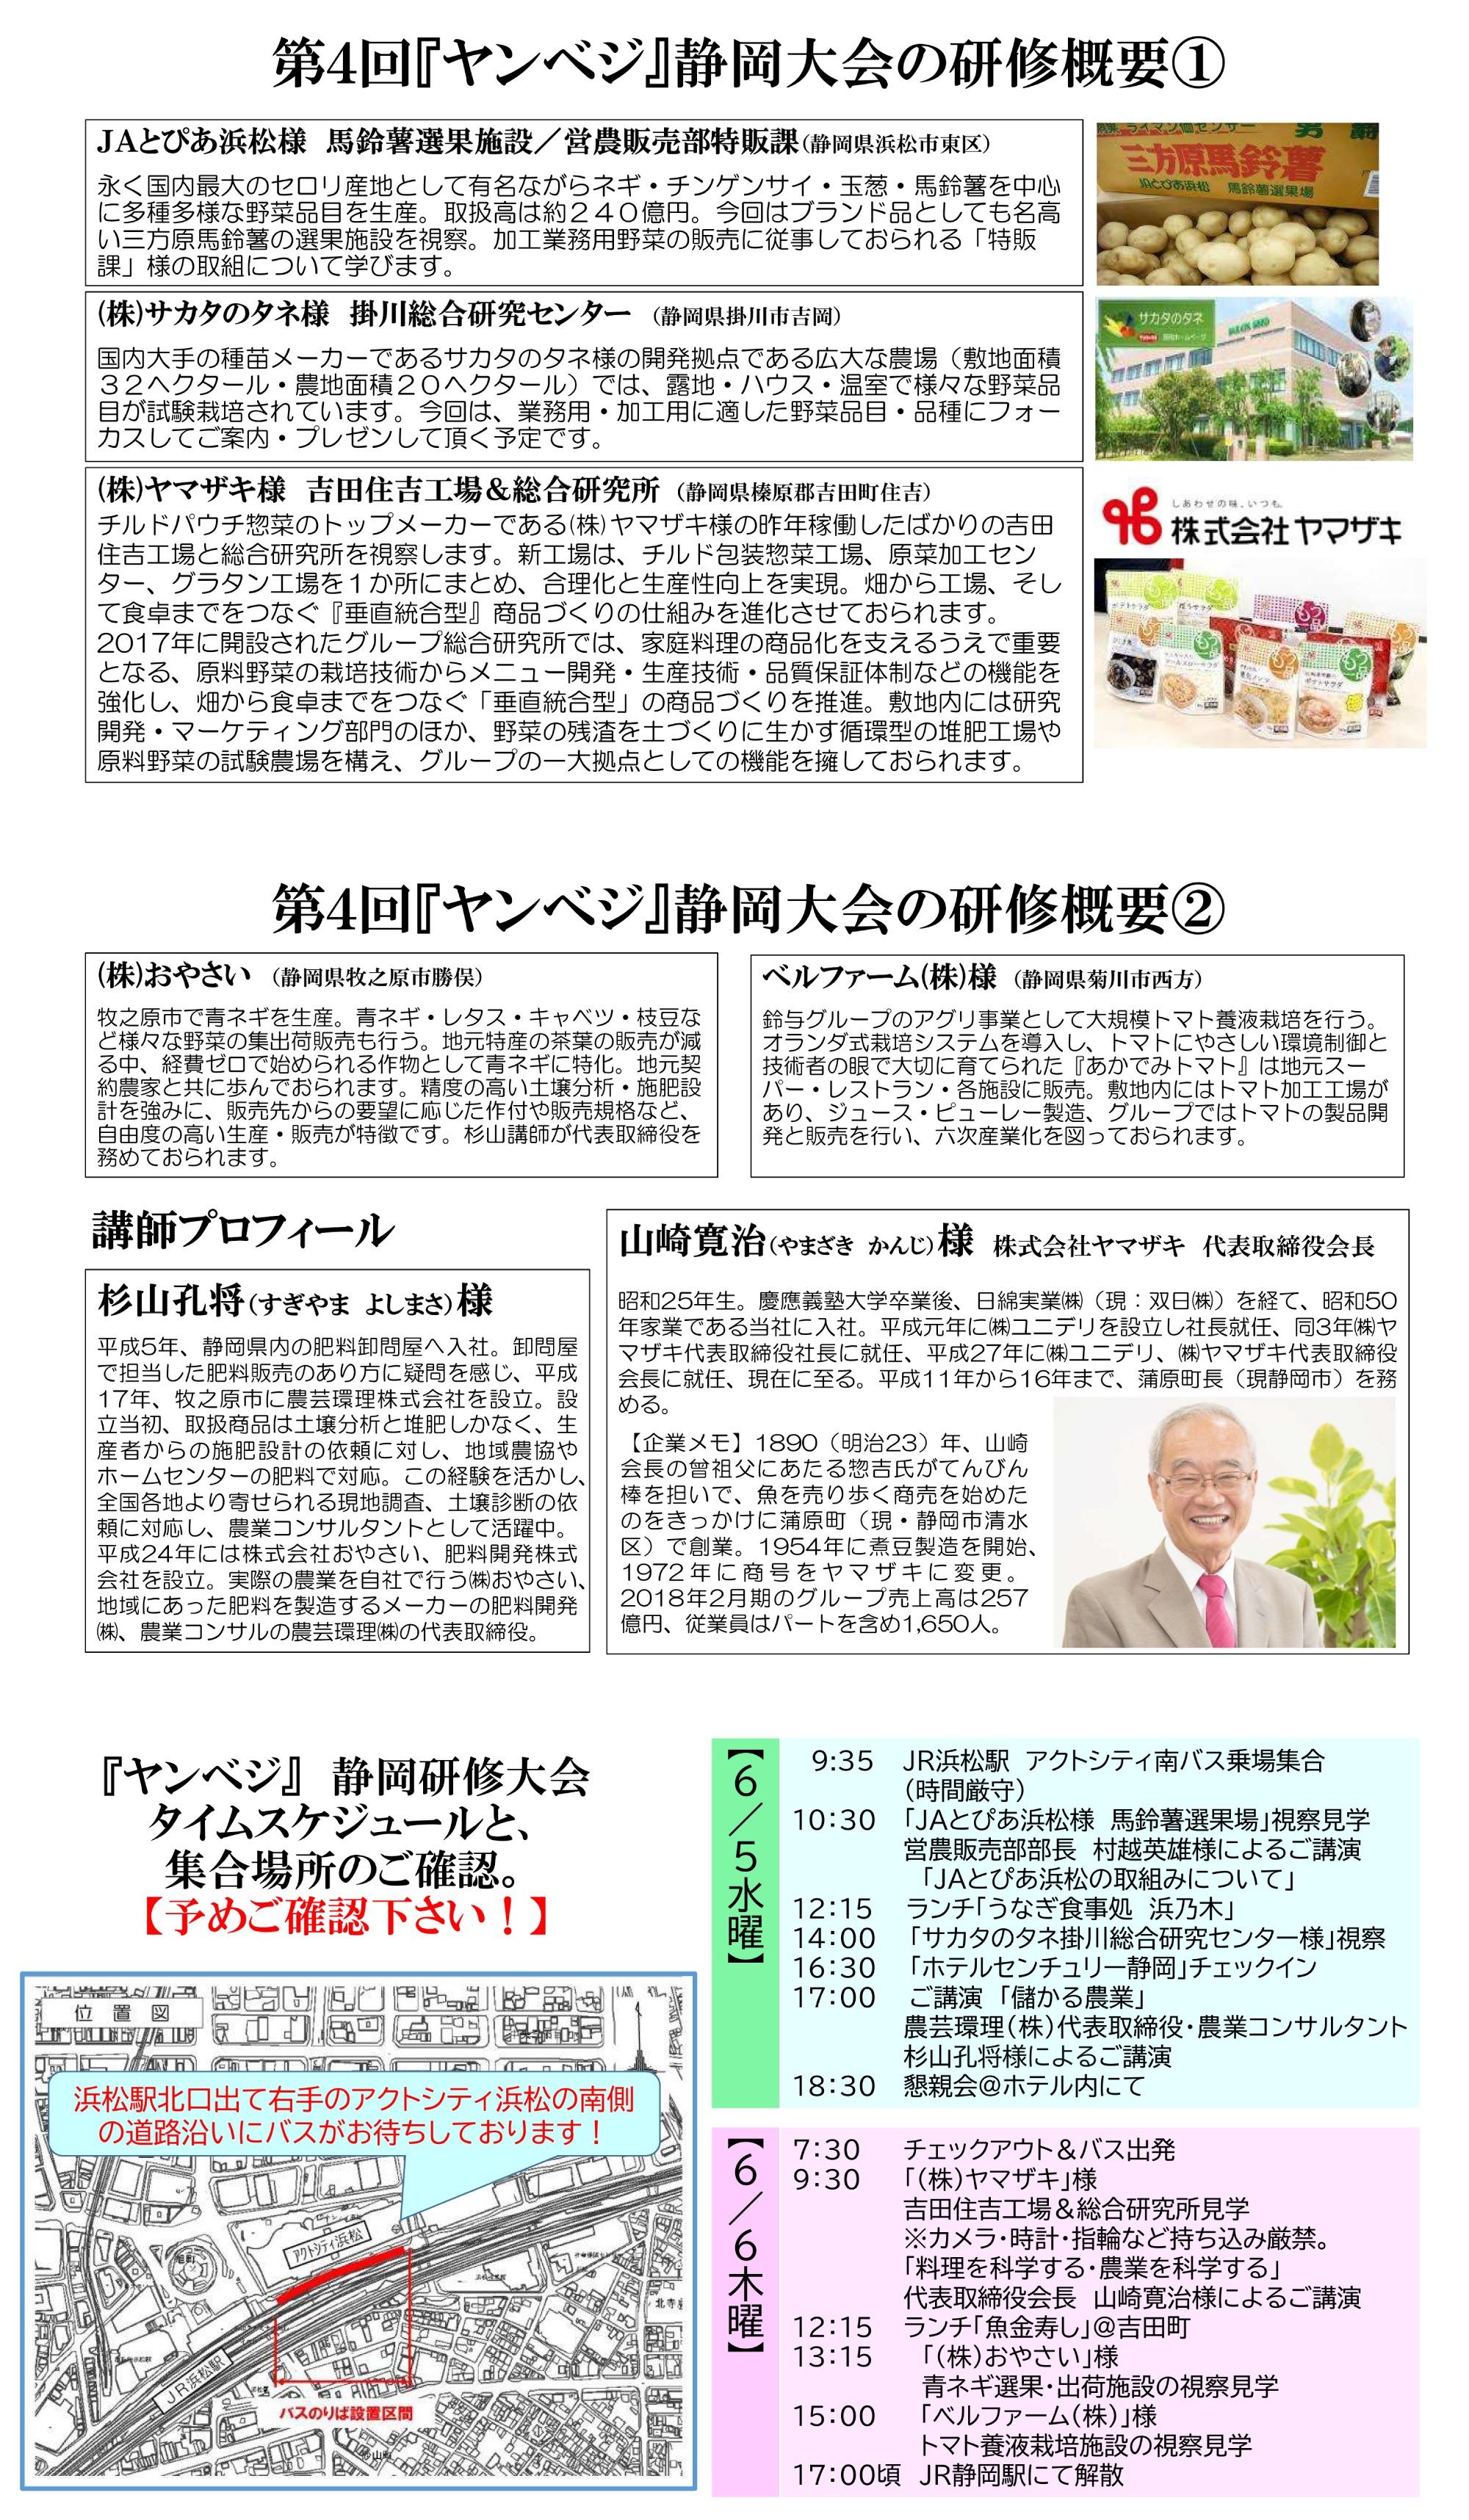 ヤンベジ 静岡研修